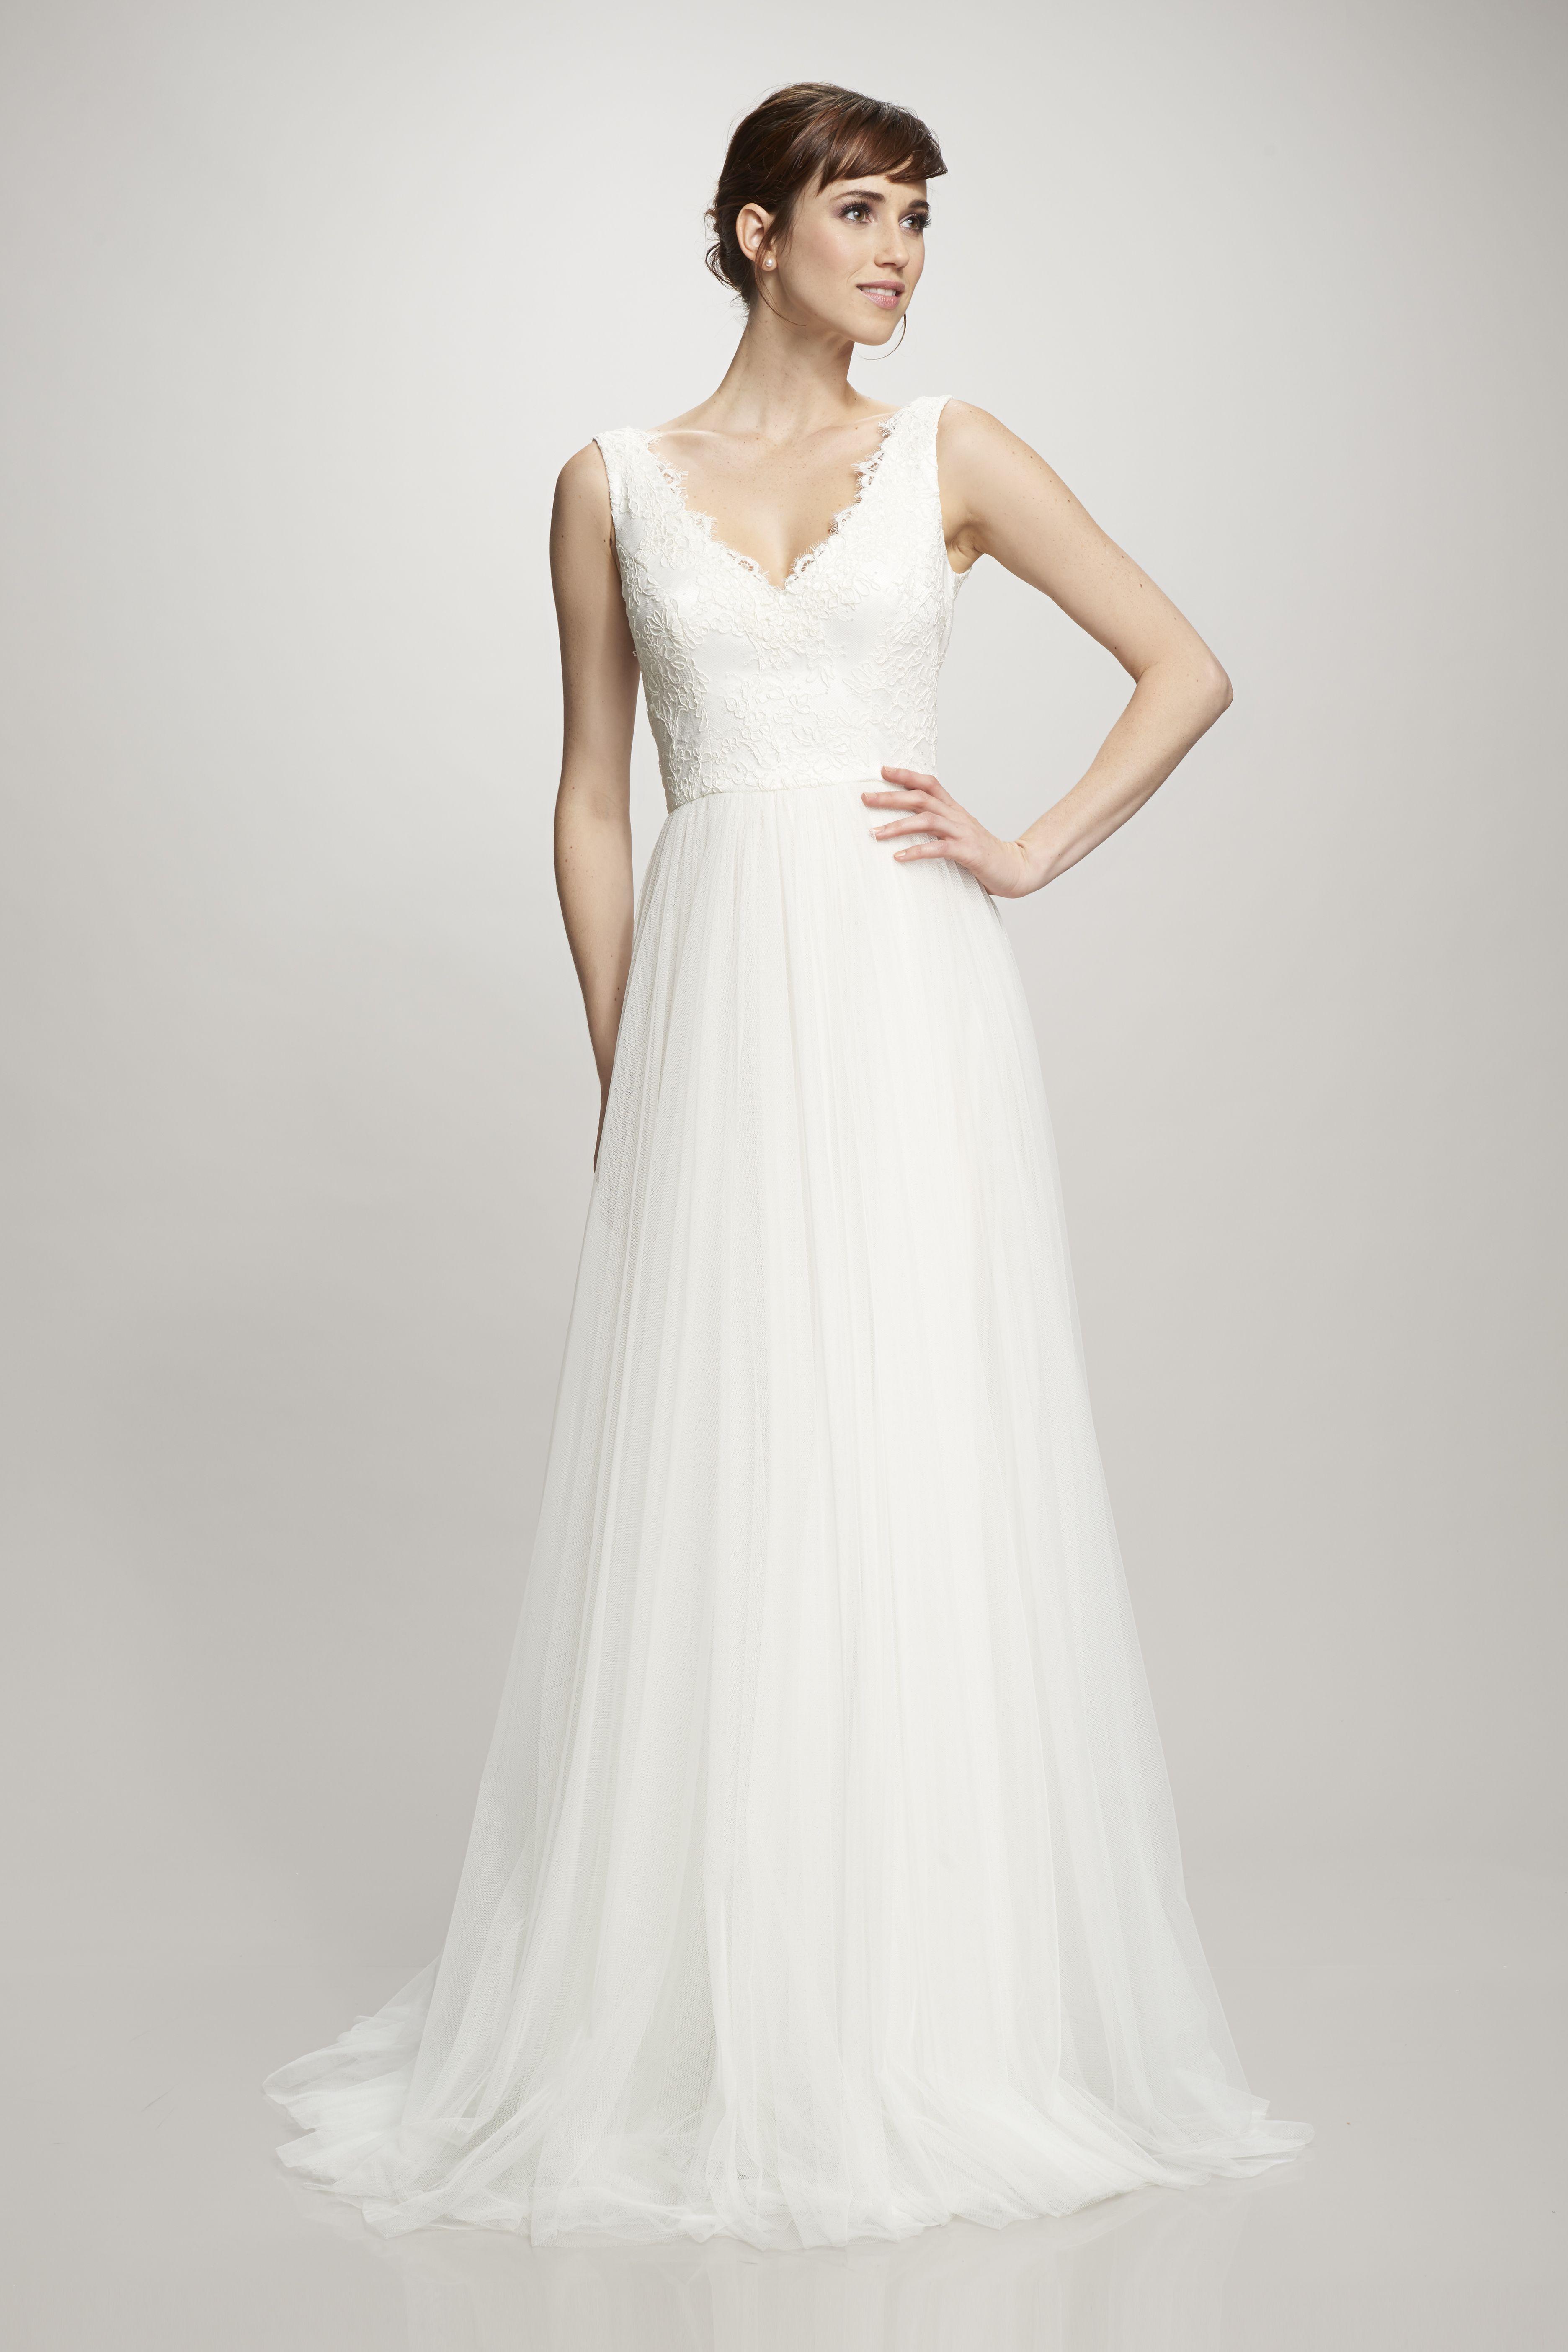 Theia wedding dresses  Eloise Bridal Gown  THEIA Bridal  Forever  Pinterest  Theia